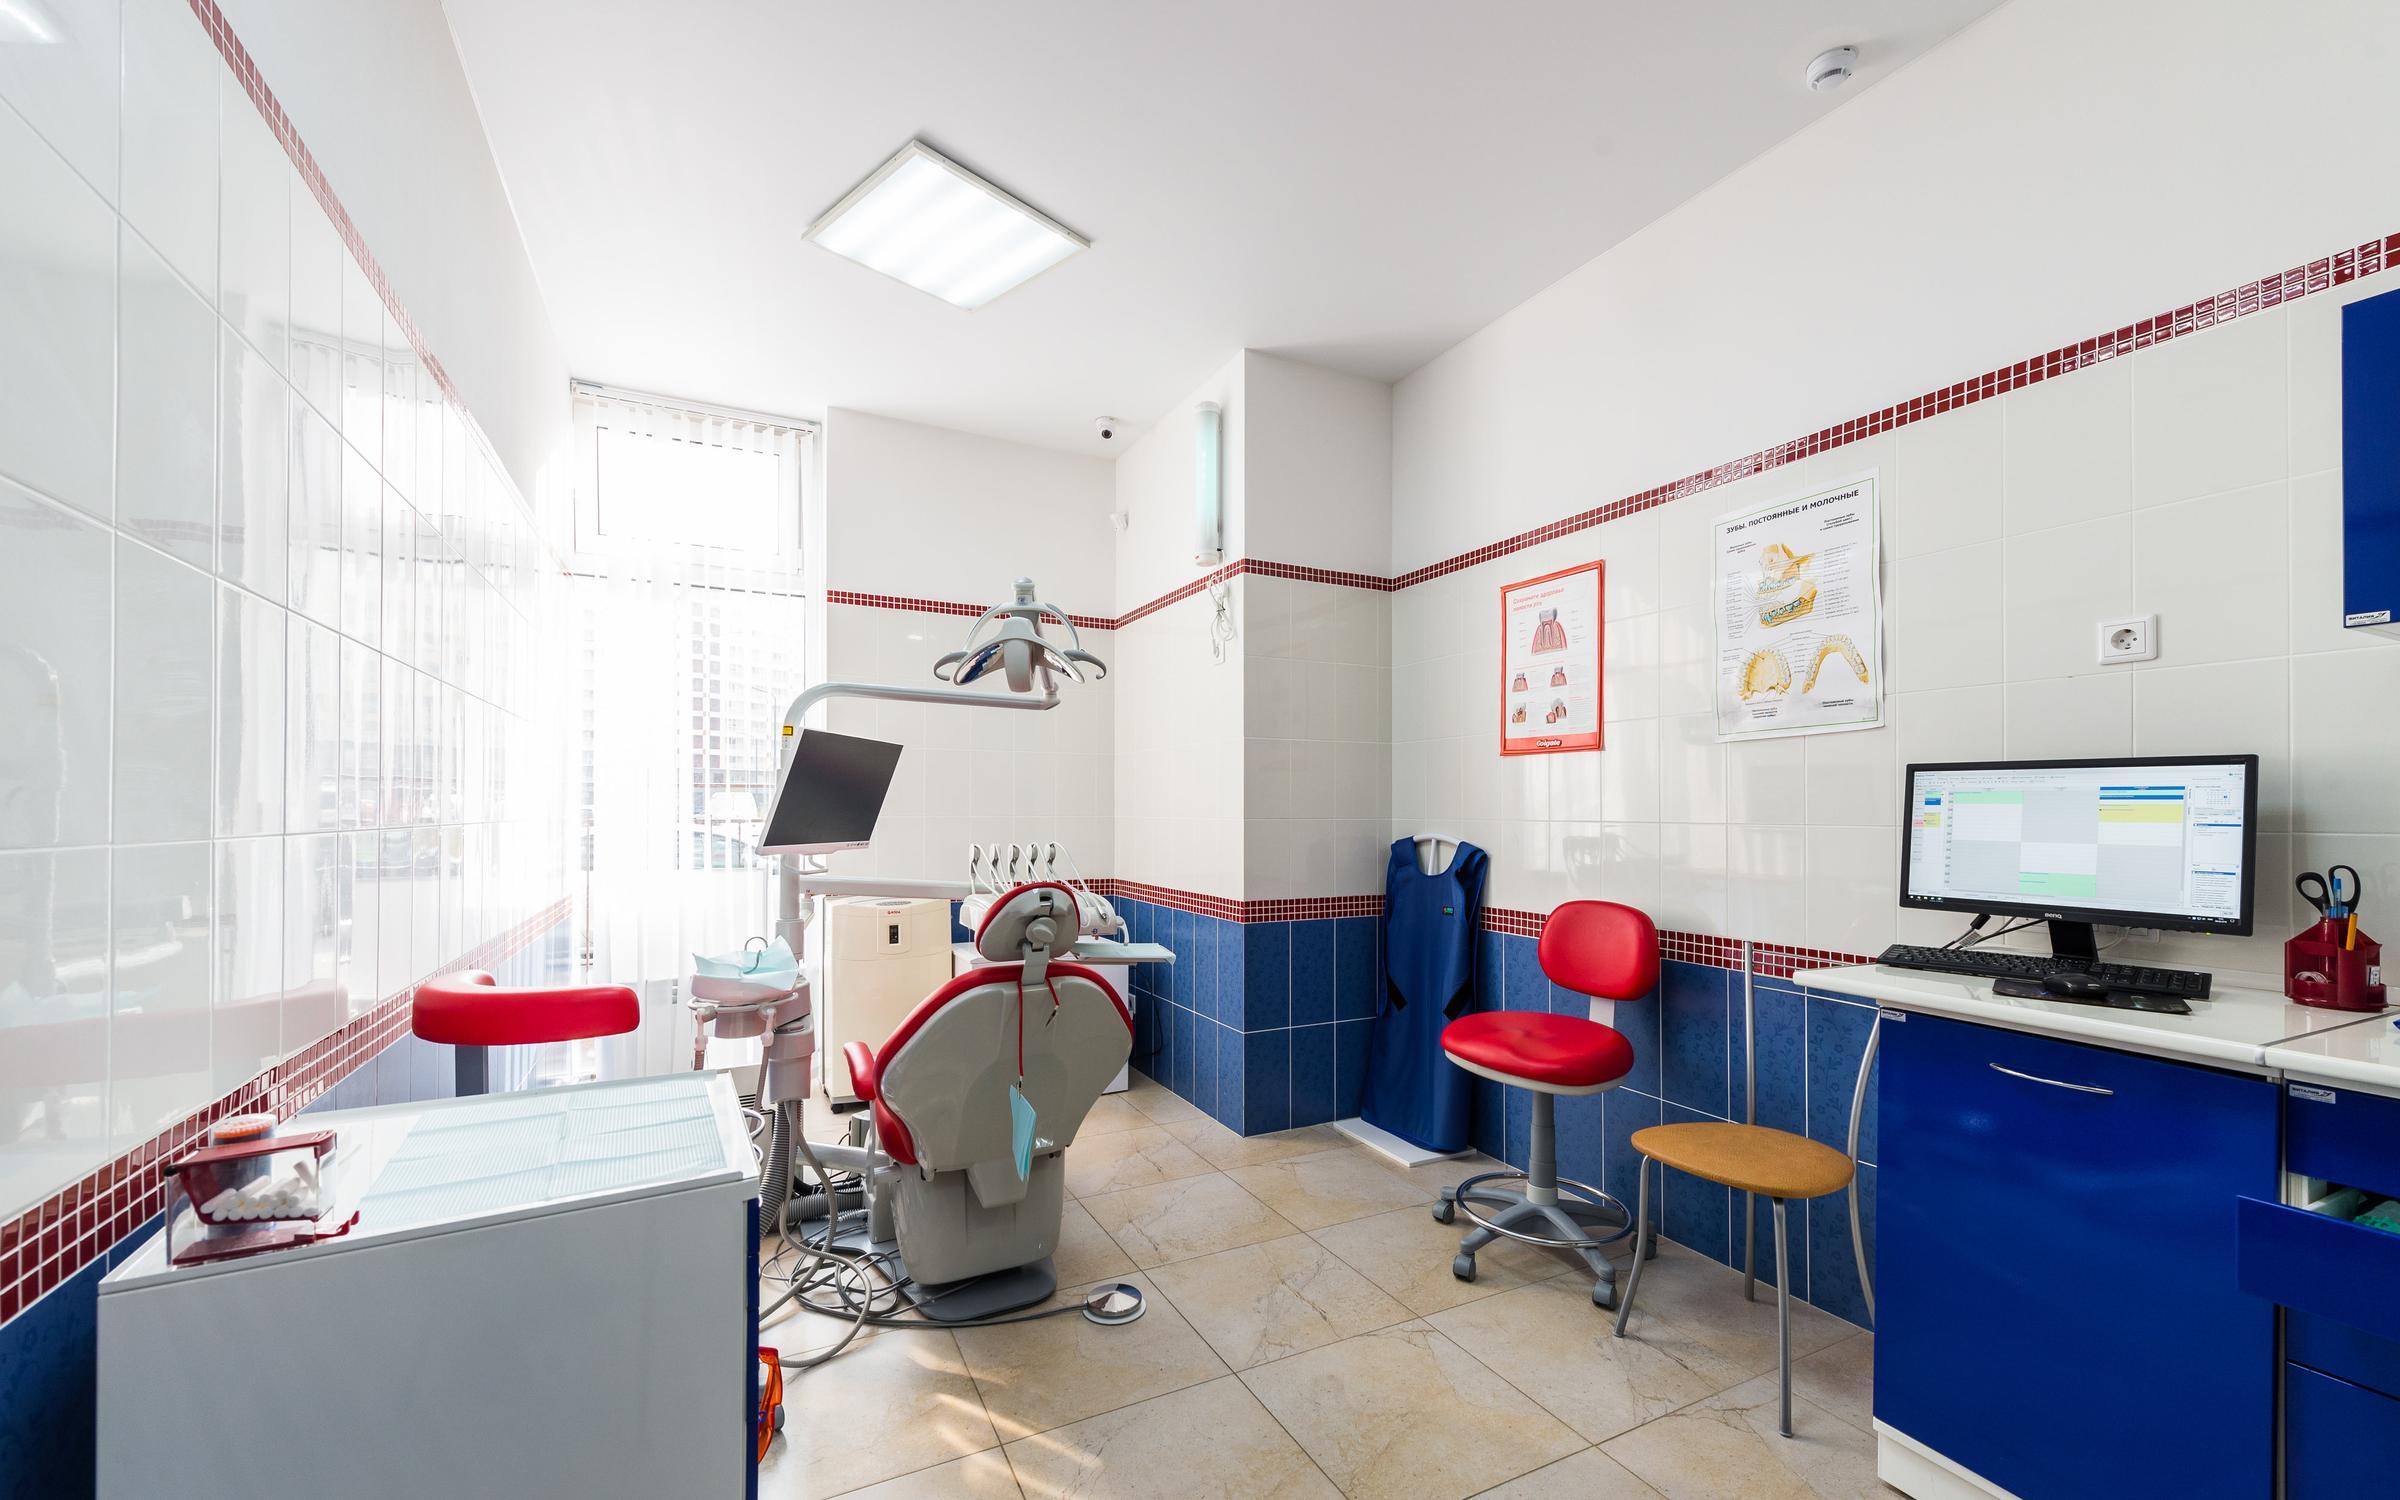 фотография Медицинского центра АльфаМед в Кудрово